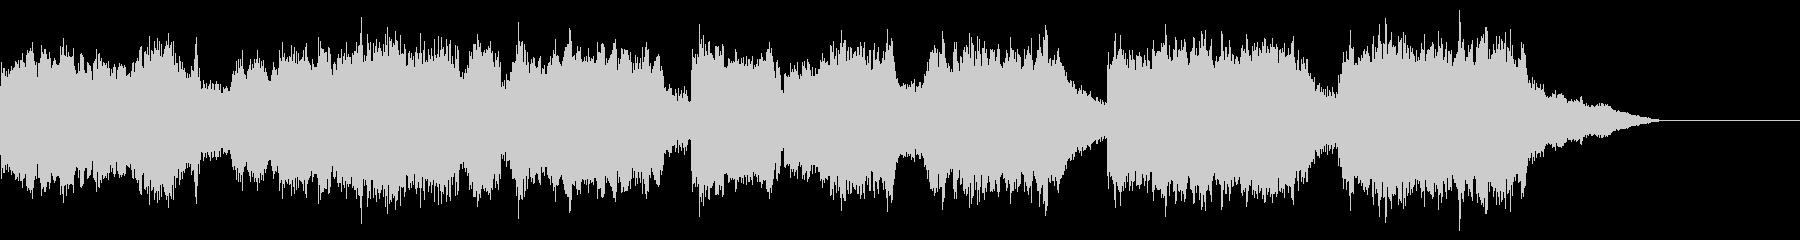 3拍子のファンタジックなワルツ曲です。の未再生の波形